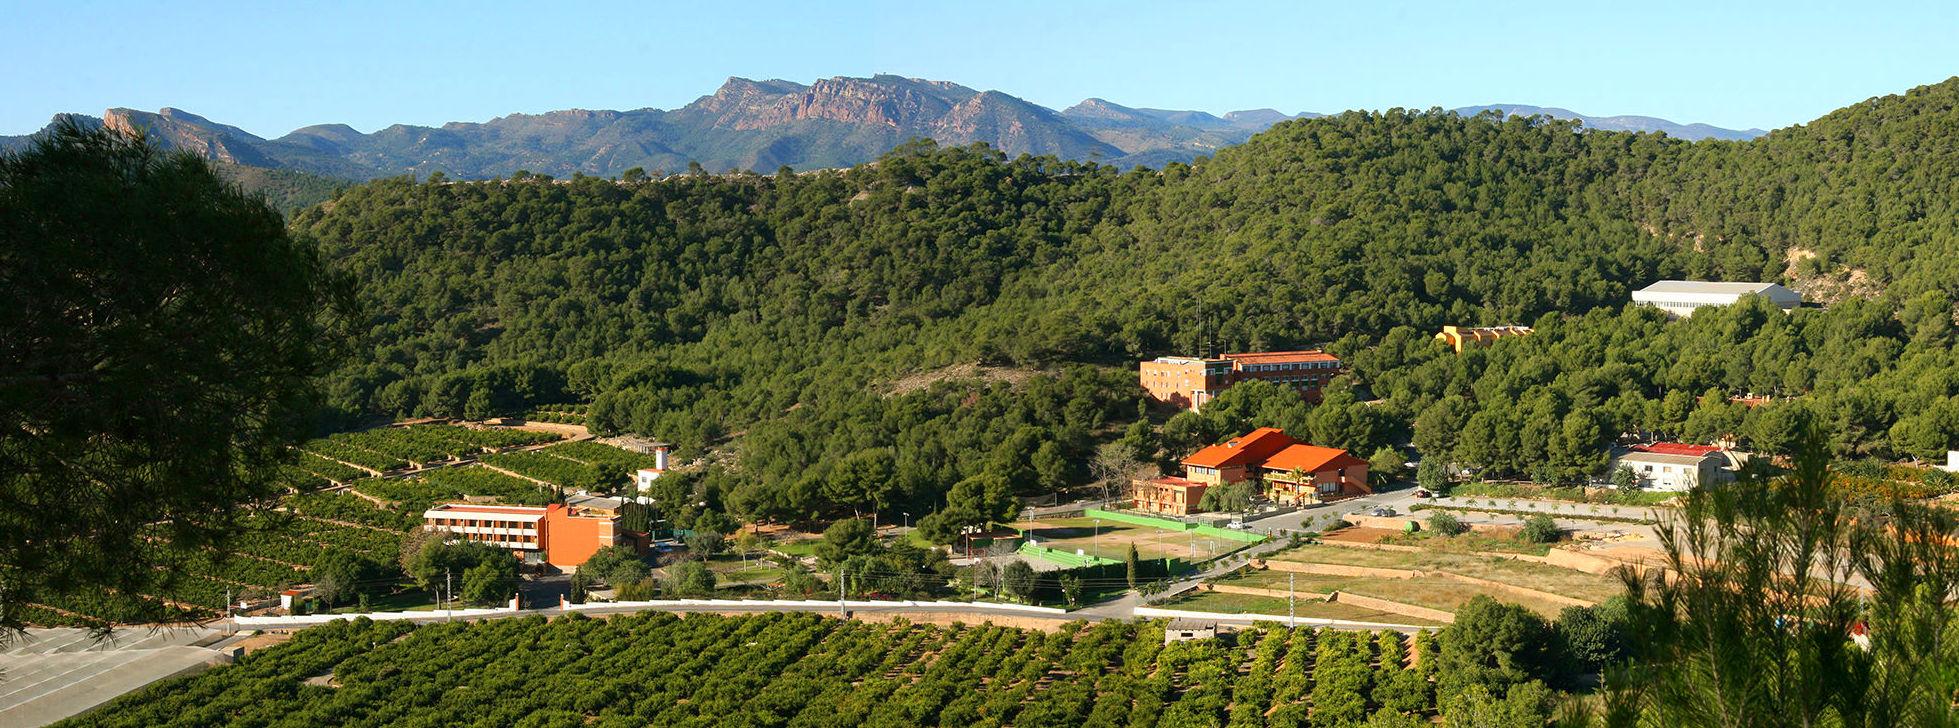 Vista panoramica del campus